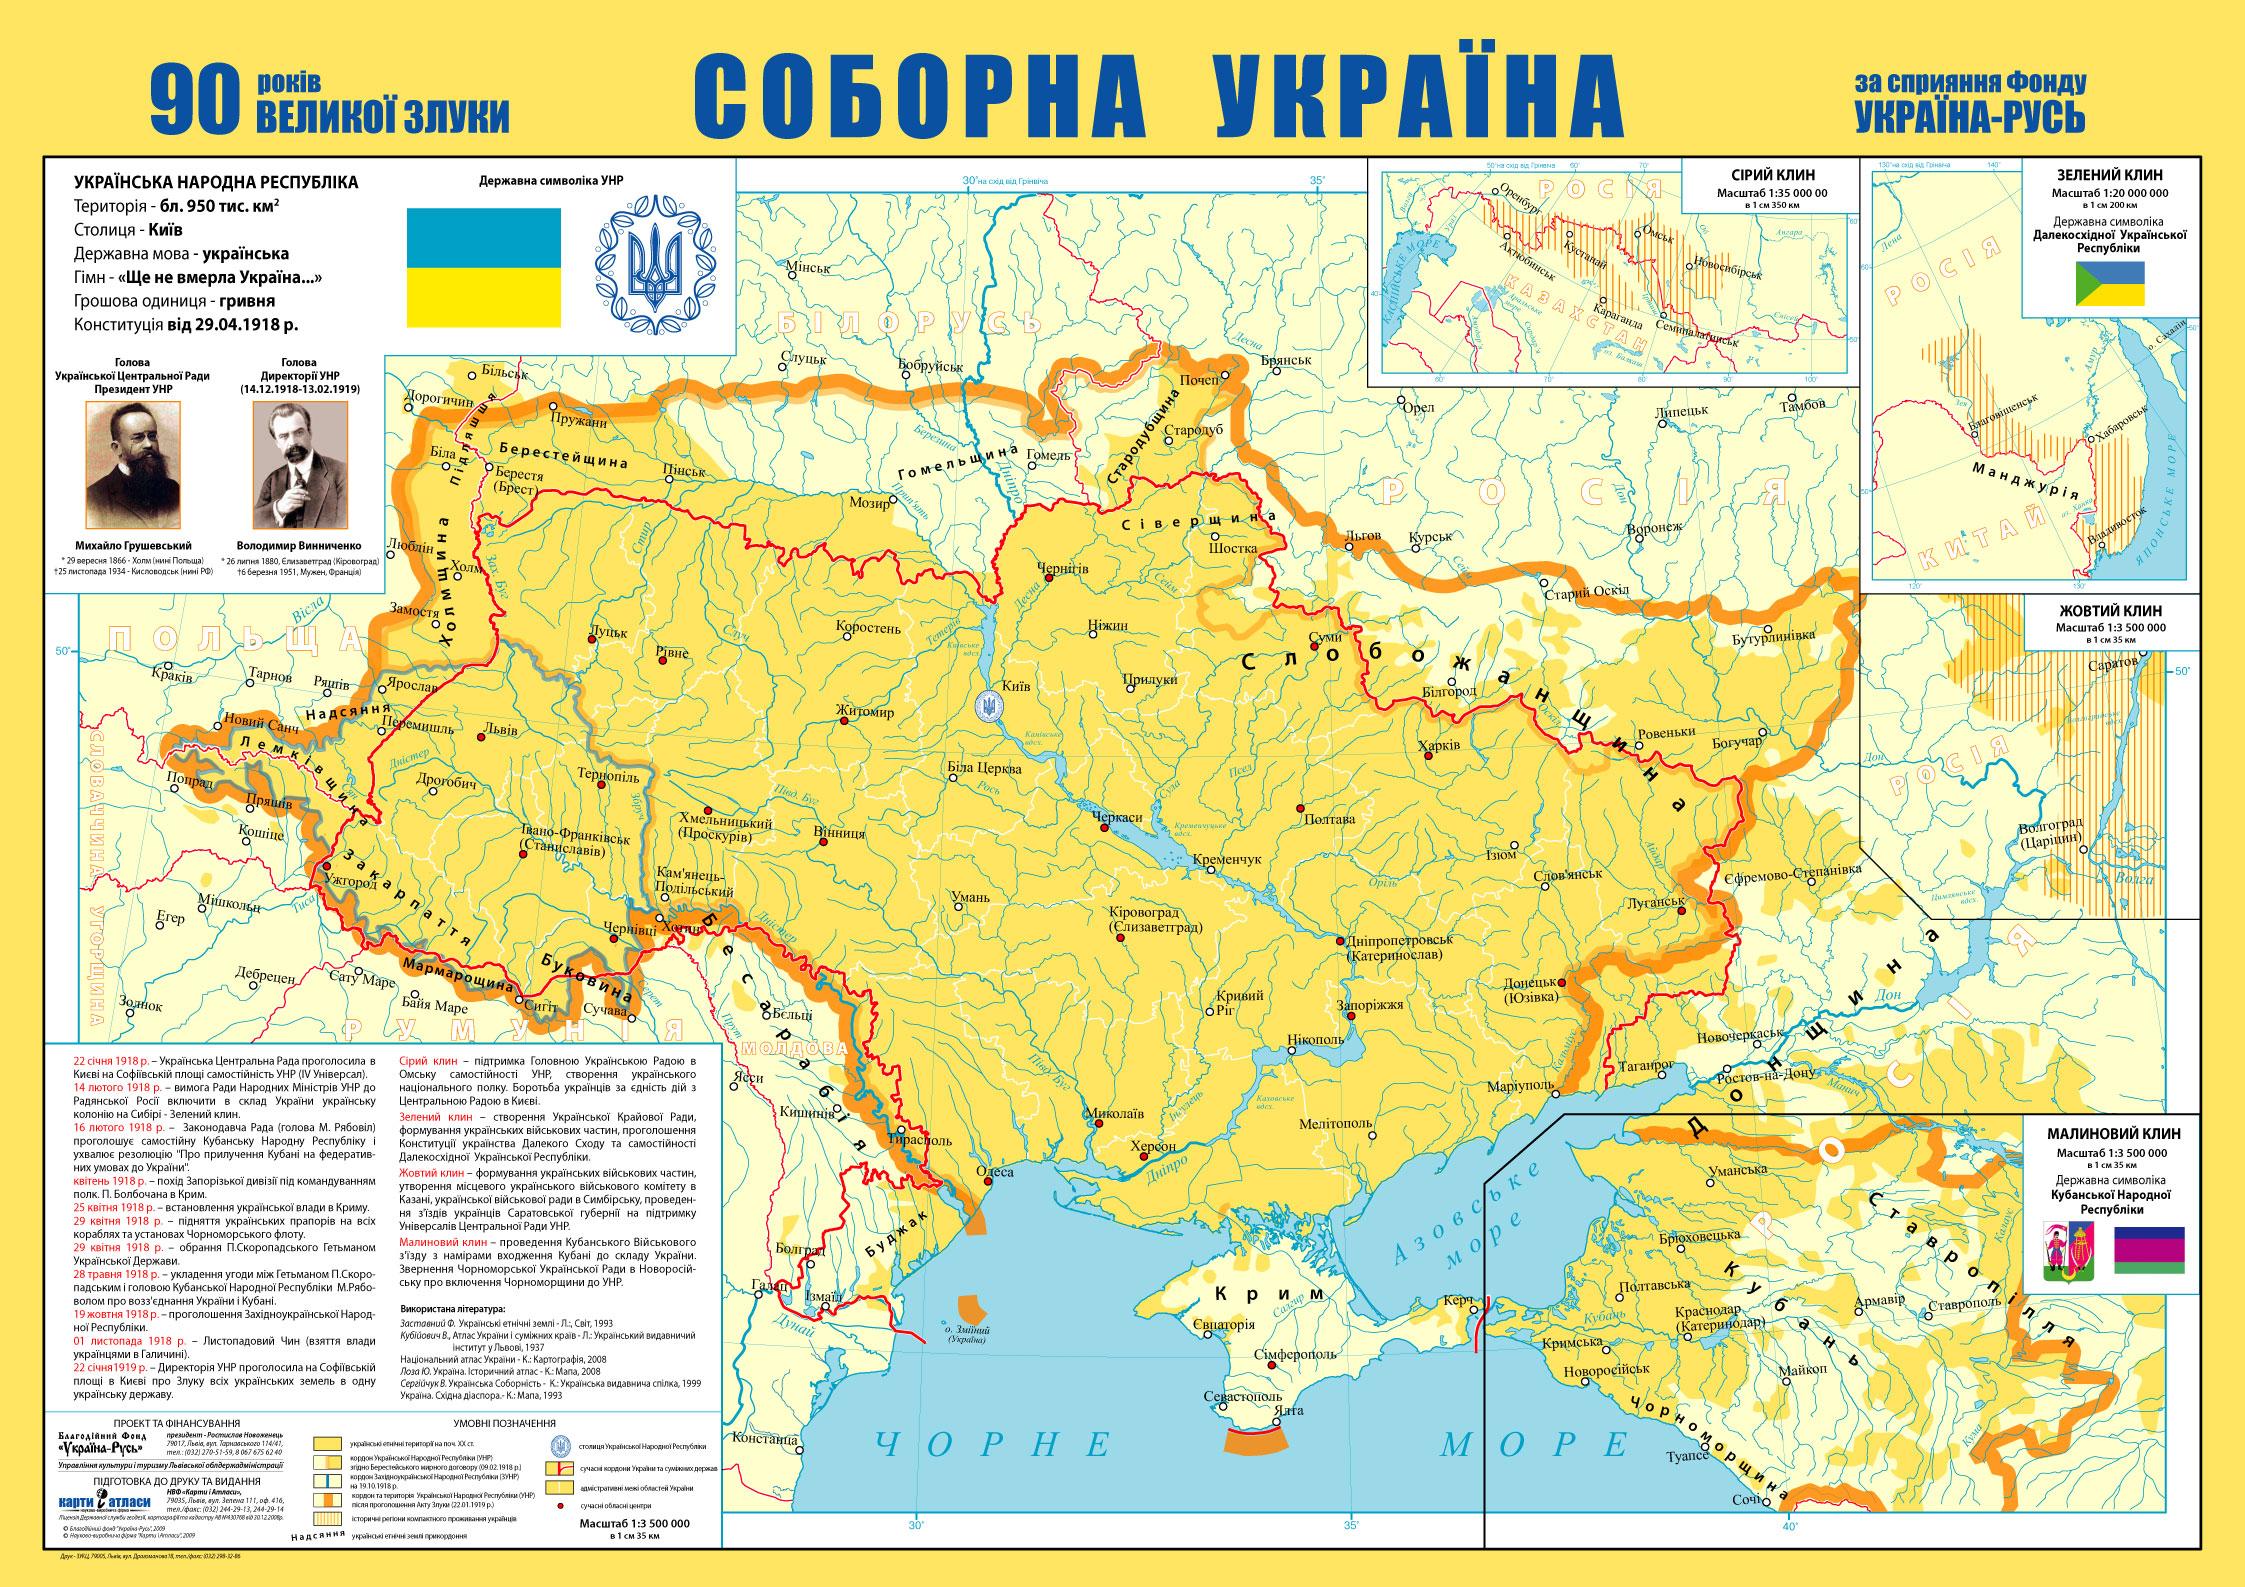 Борец за федерализацию Кубани Вячеслав Мартынов получил убежище в Украине - Цензор.НЕТ 7553